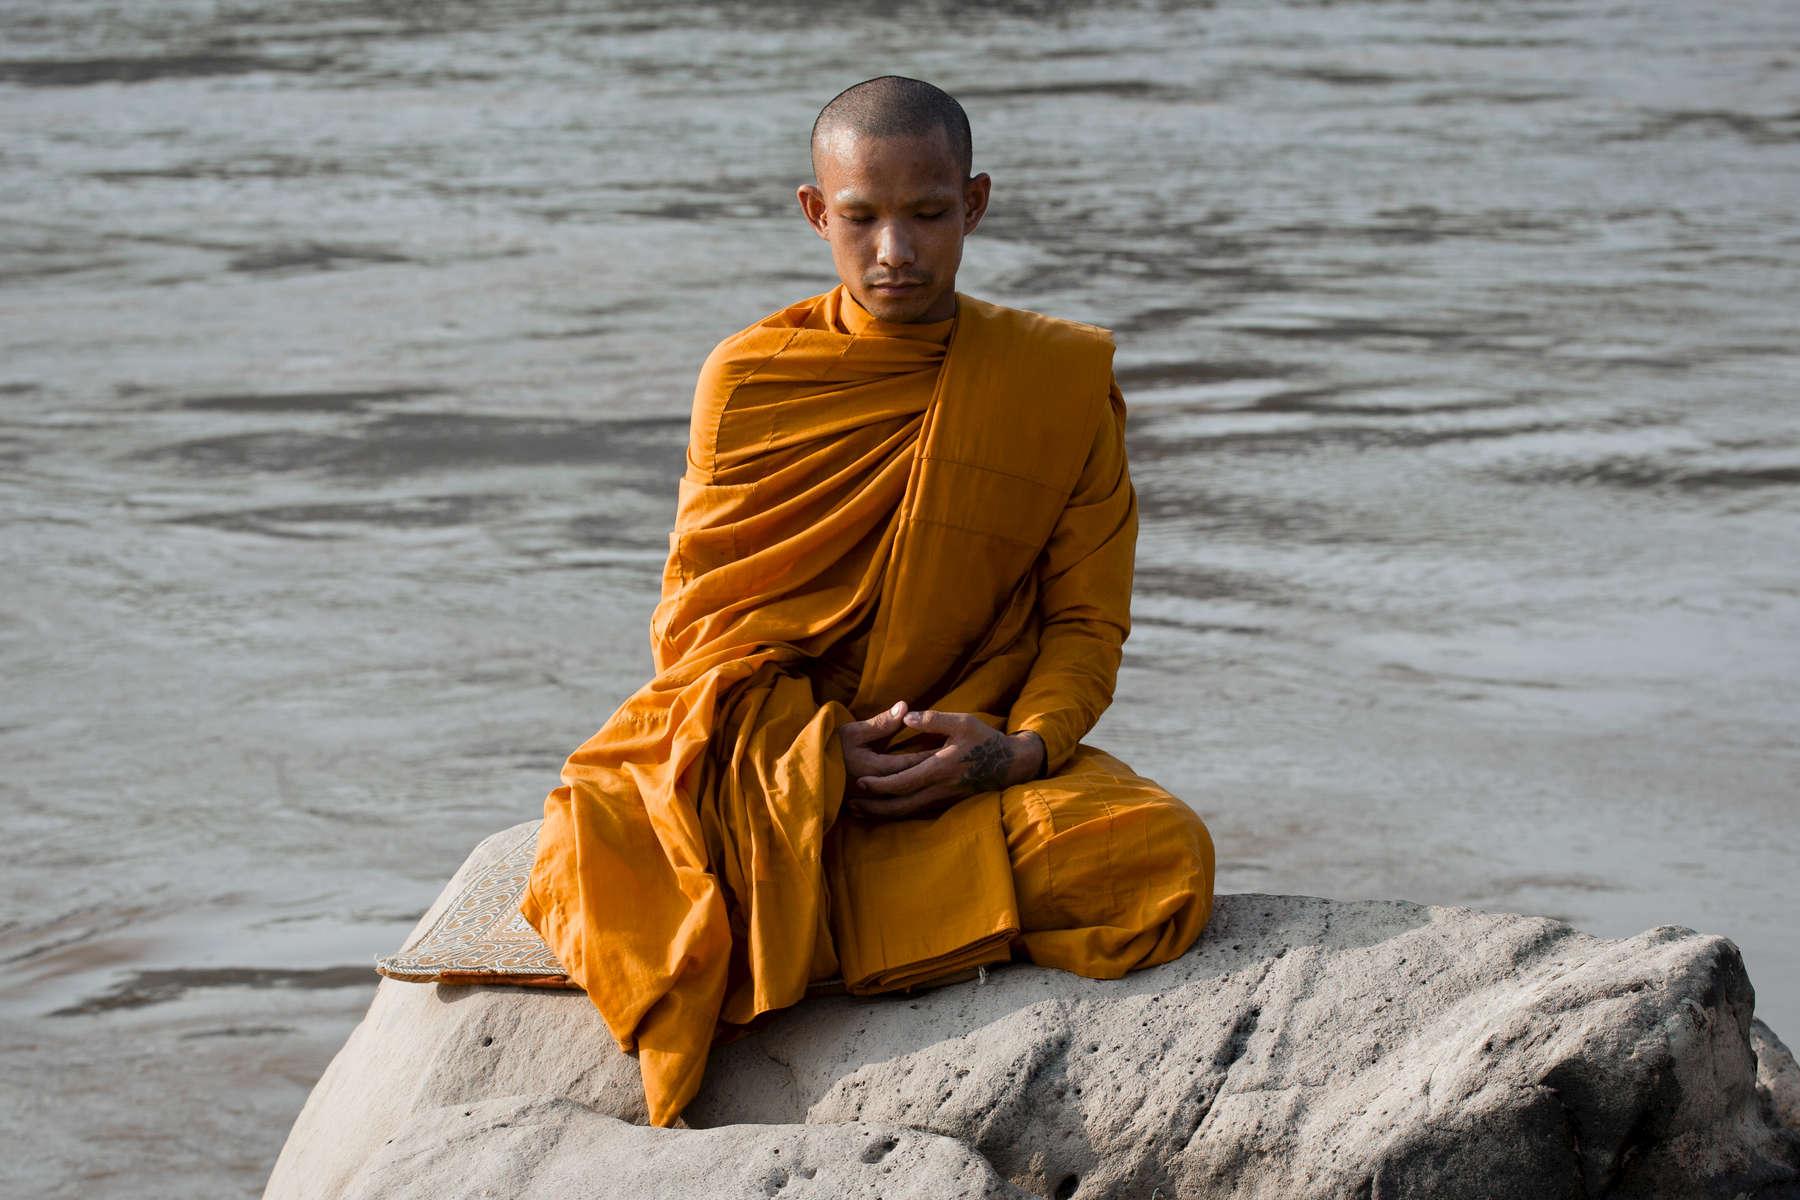 laos-luang-prabang-meditating-monk-mekong-river-photo-by-cyril-eberle-CEB_1085